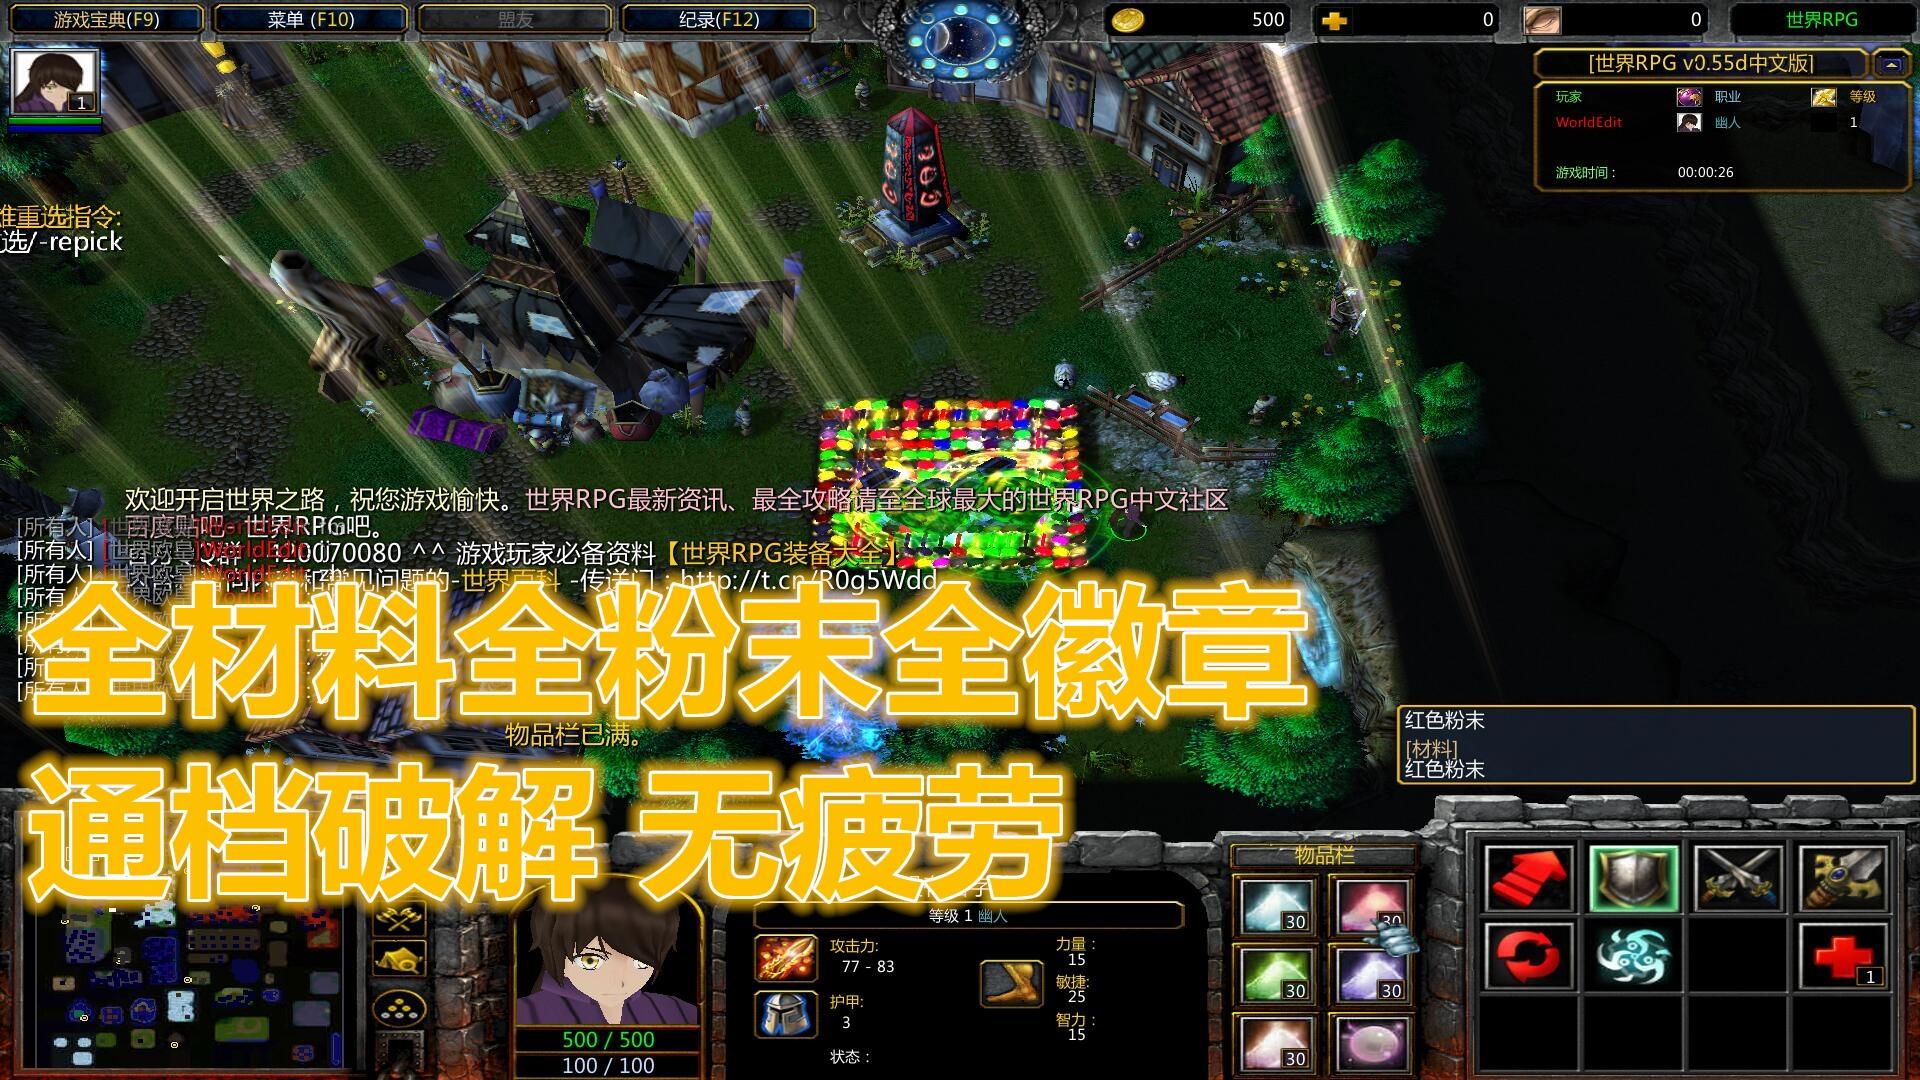 世界RPGv1.6.14中文版TOP破解 可通档+无疲劳值+高爆几率+刷粉尘\结晶+刷物品+BOSS徽章